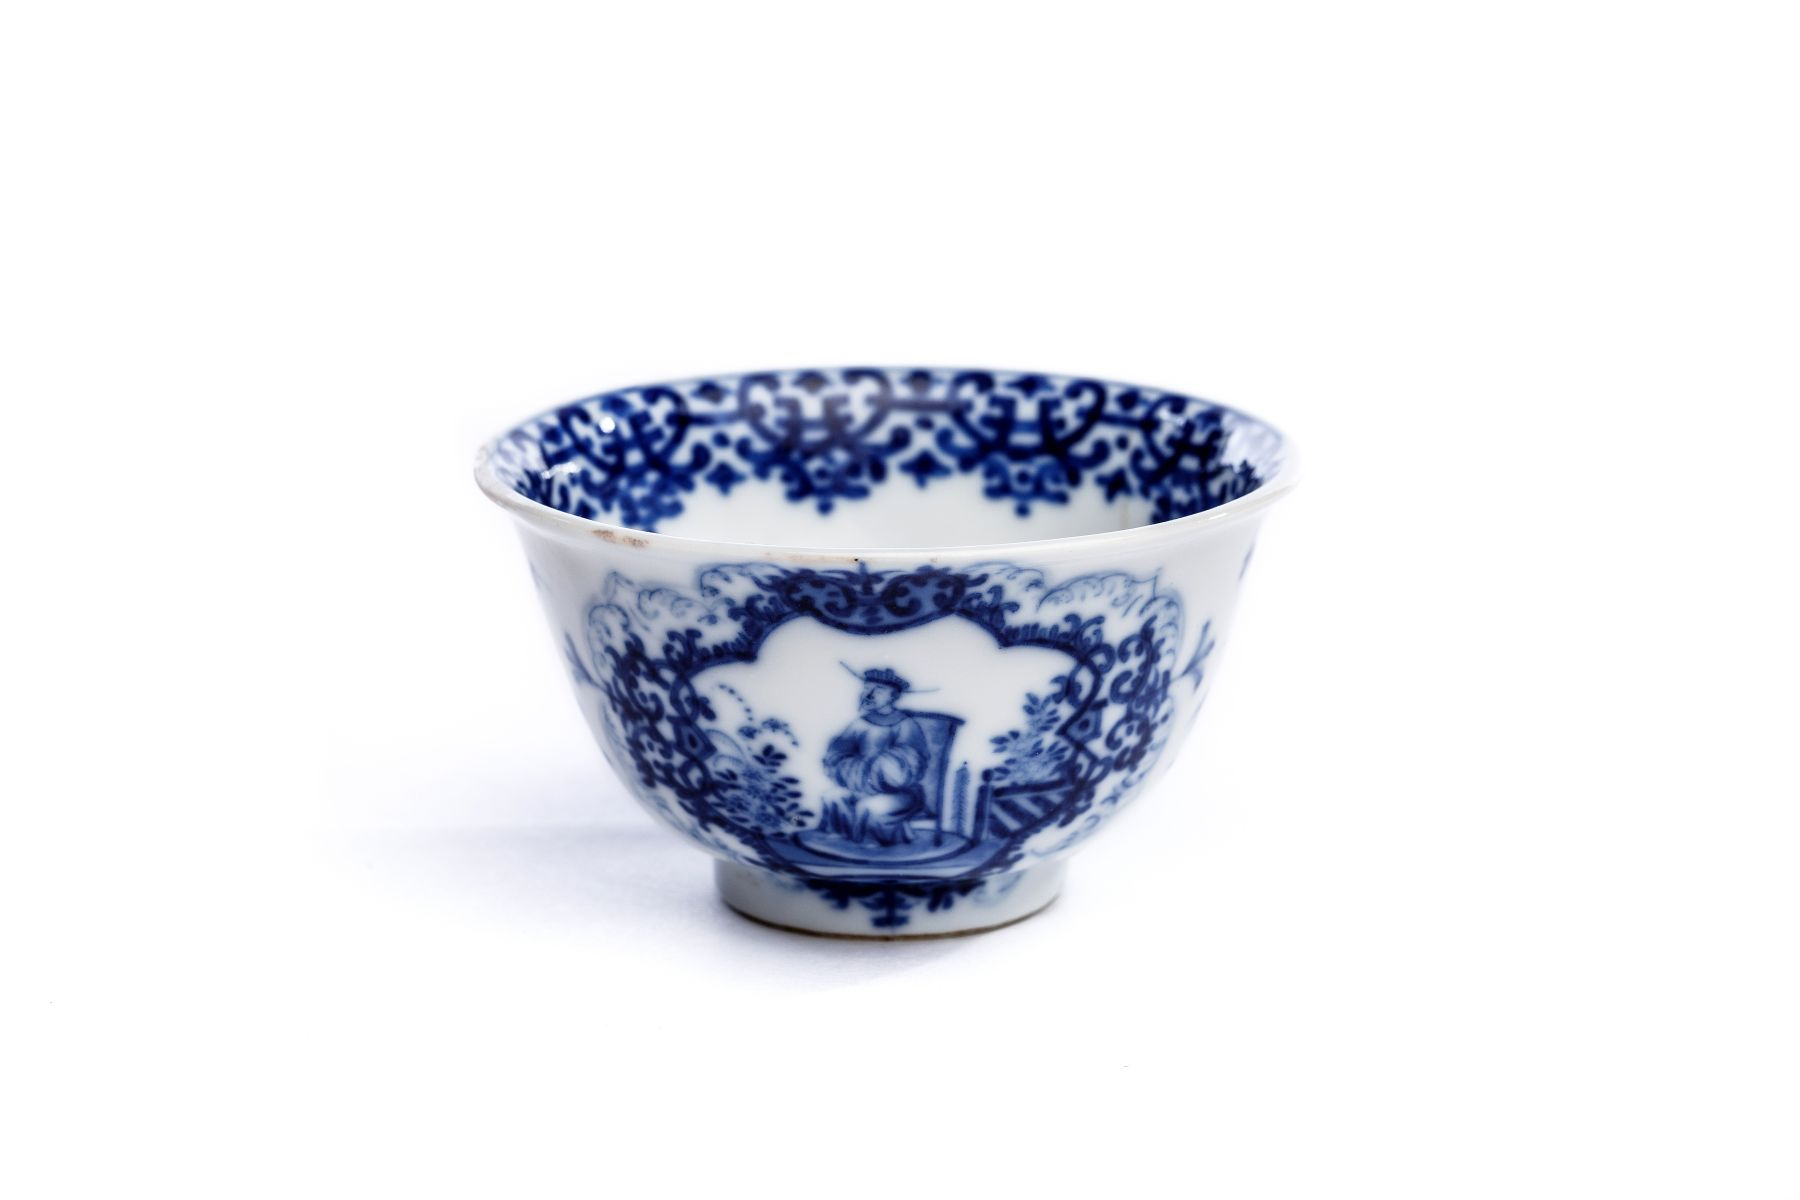 Koppchen blau, Meissen 1720/25